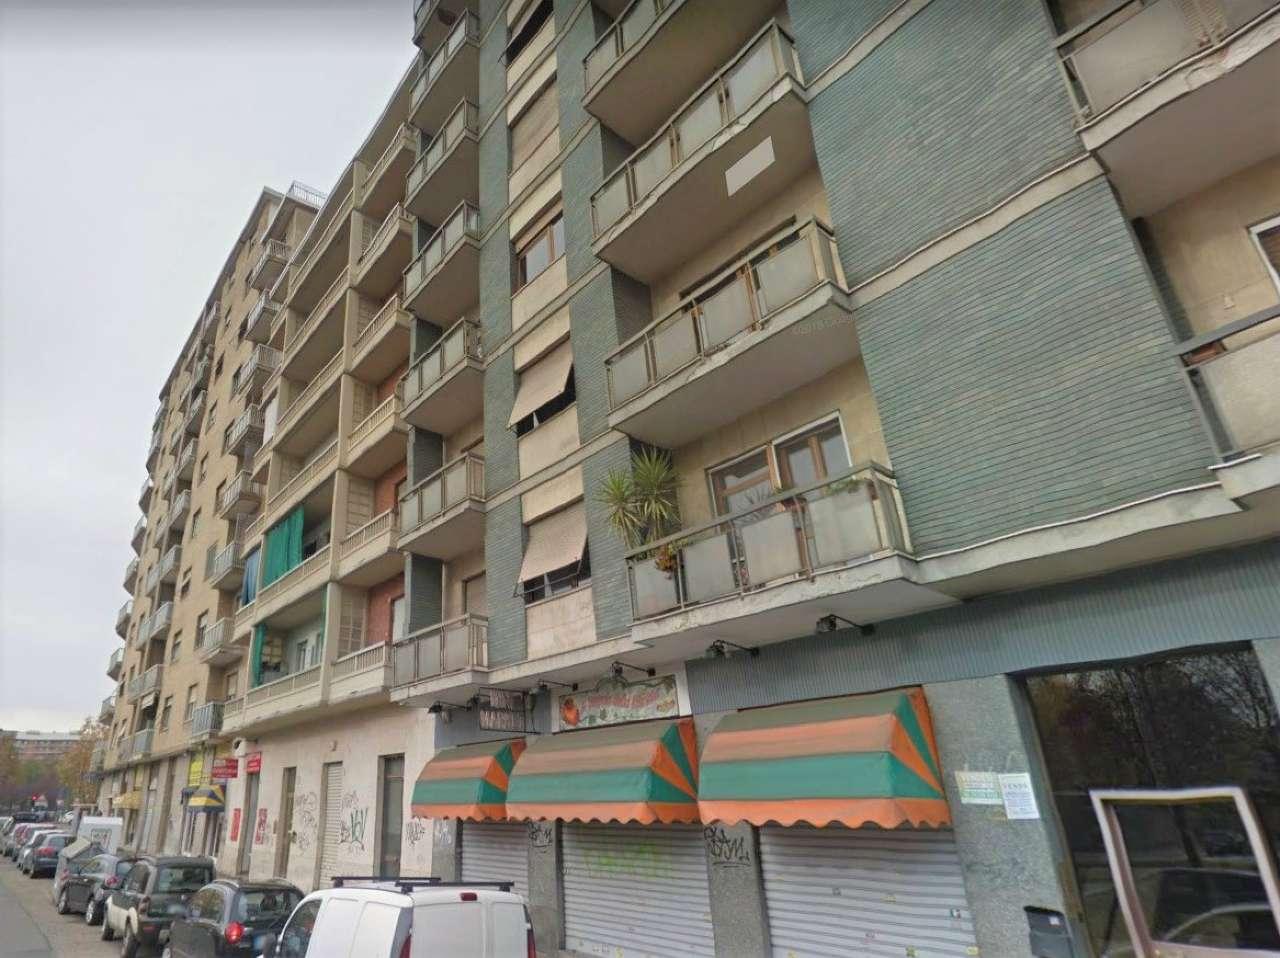 Negozio in affitto Zona Lingotto - indirizzo su richiesta Torino